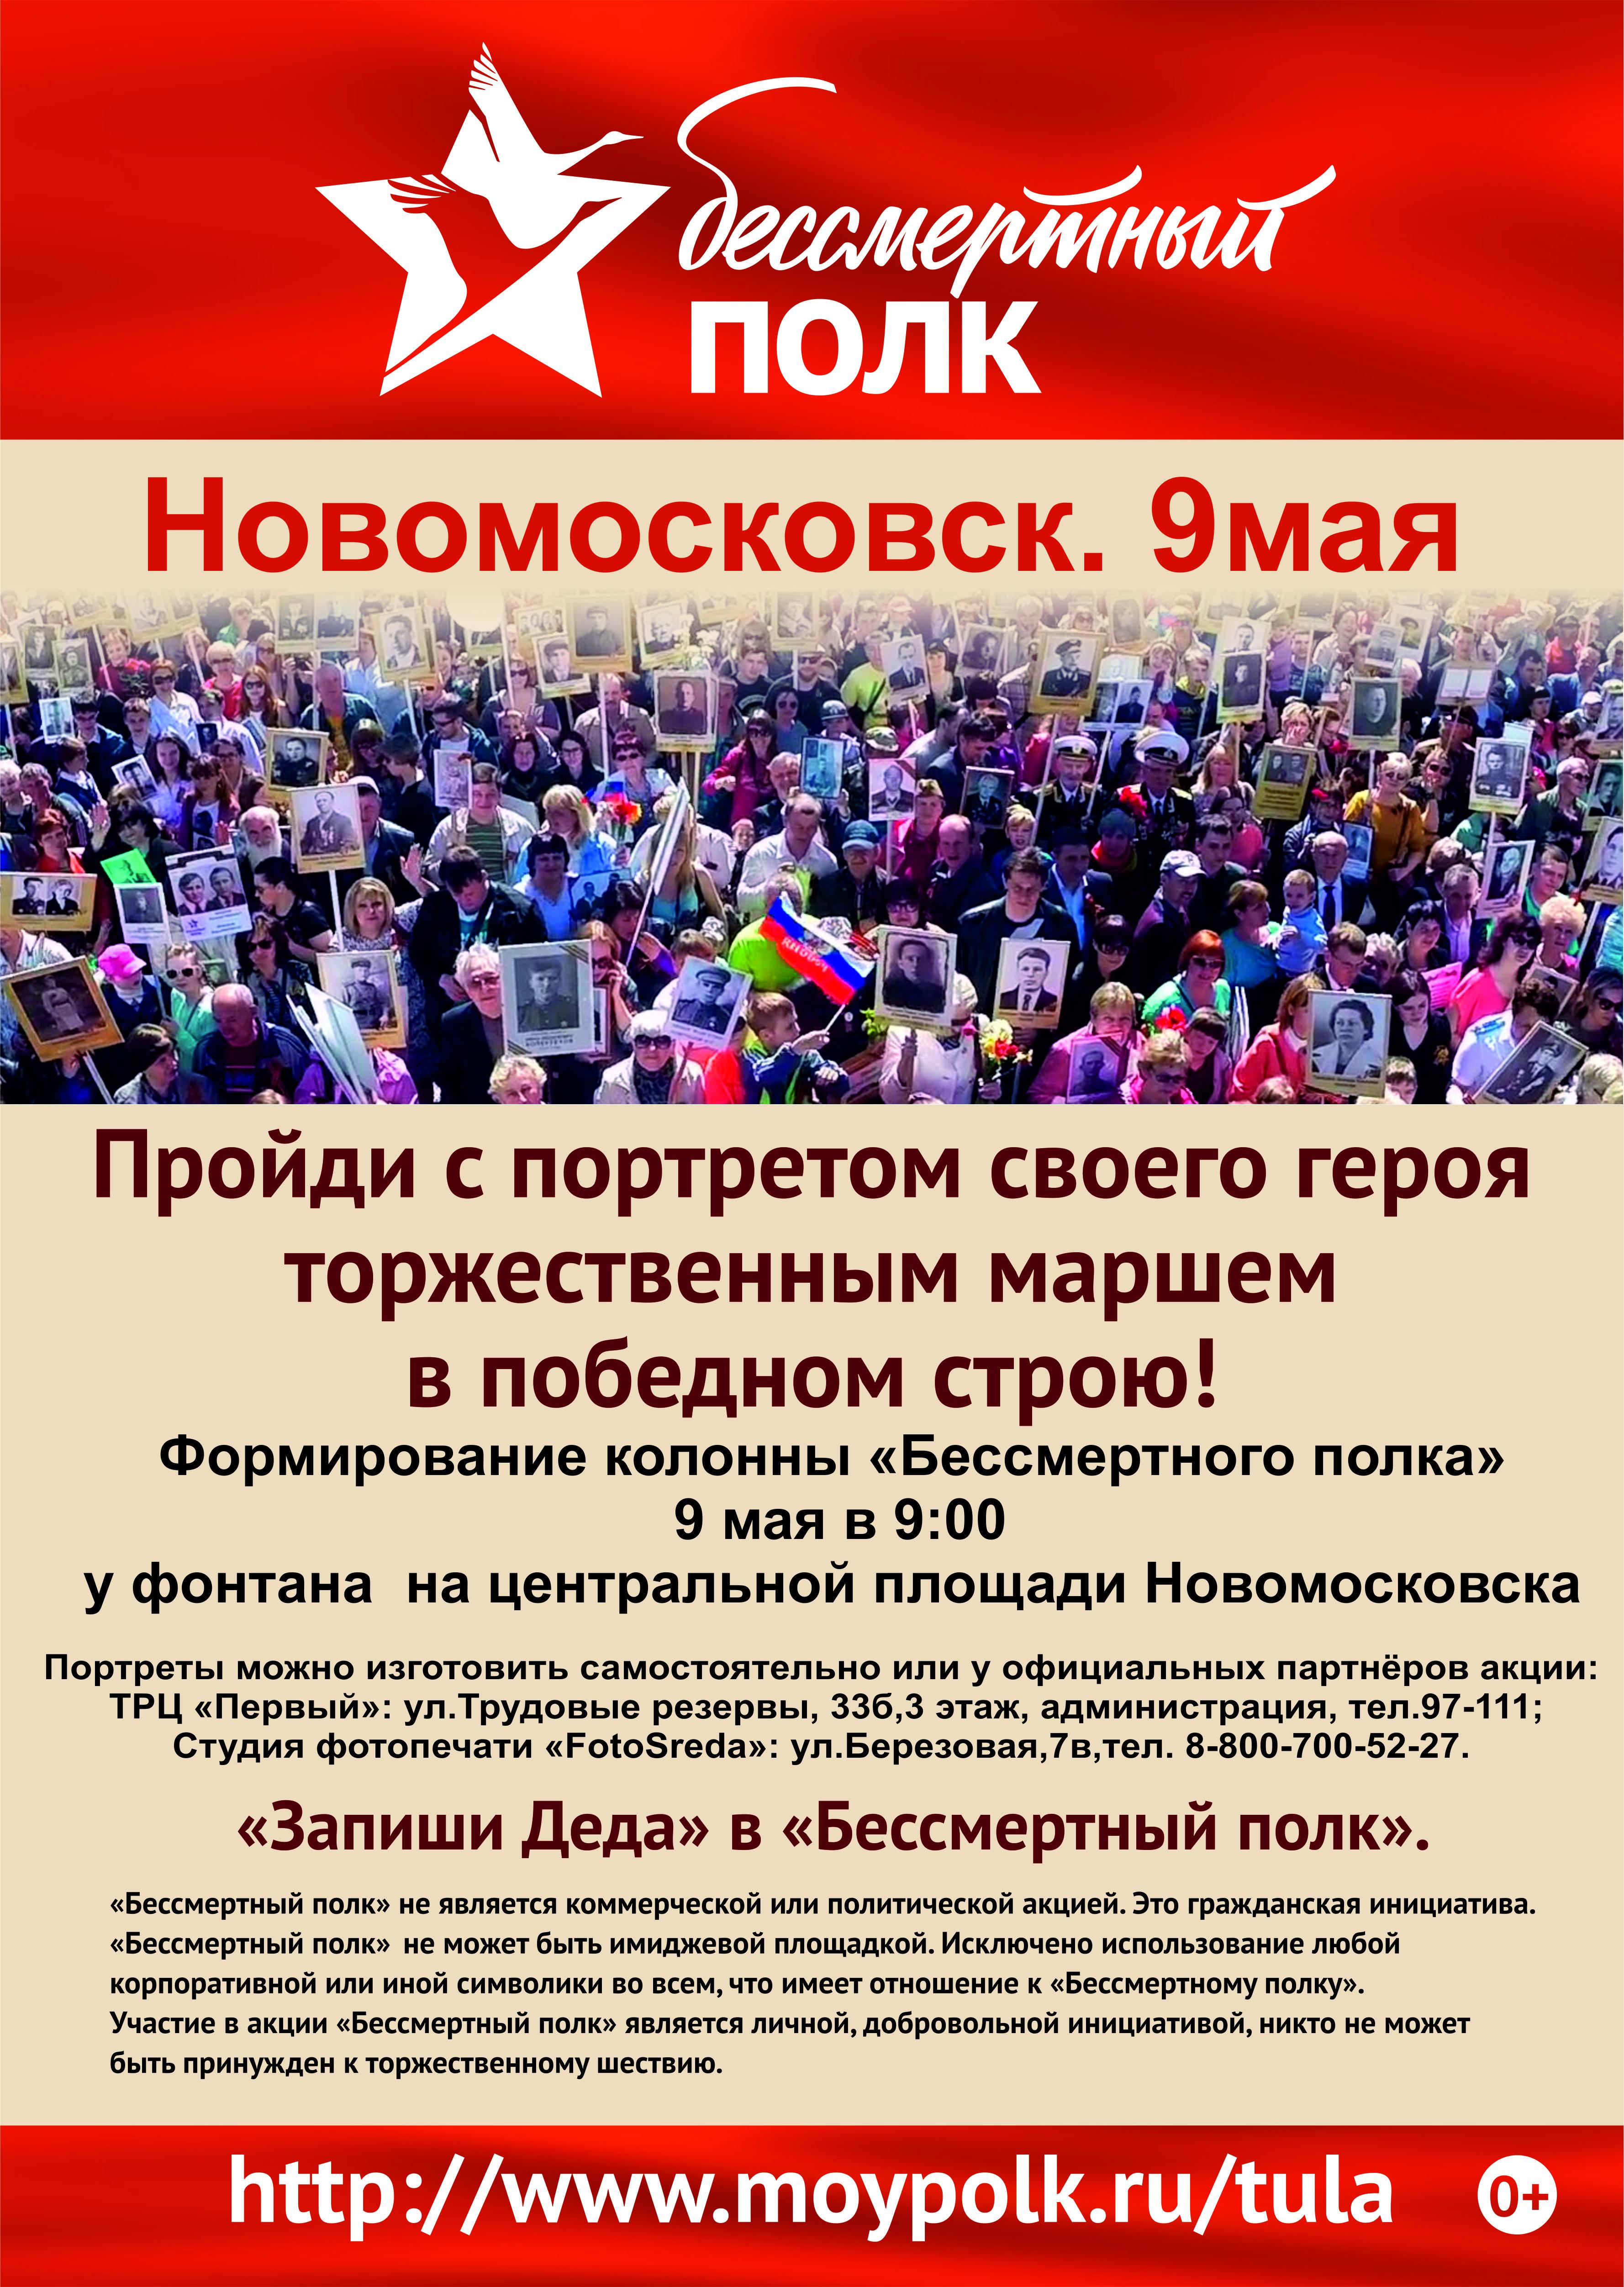 В Новомосковске пройдет шествие «Бессмертного полка»